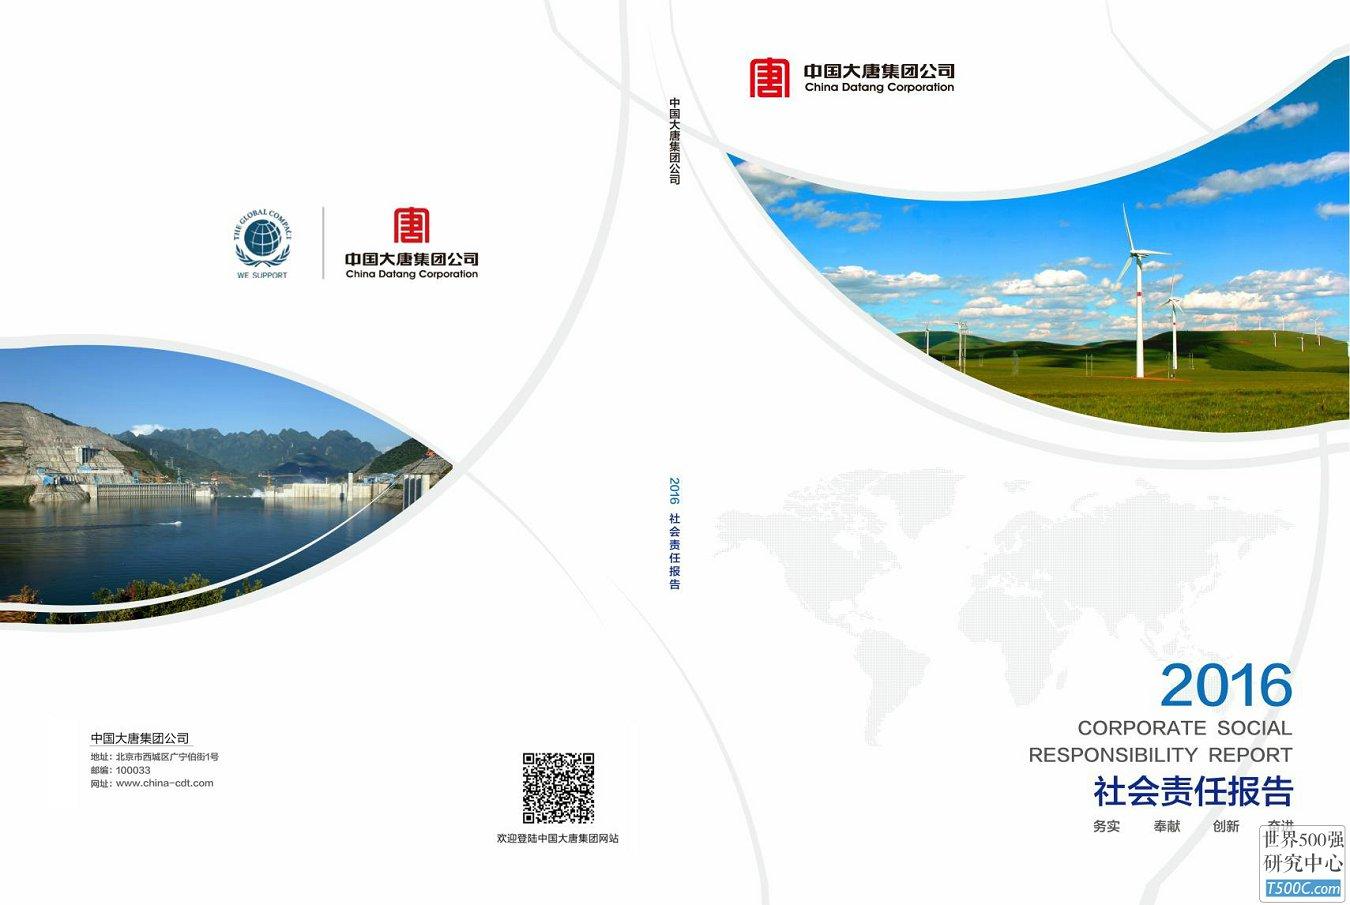 中国大唐集团公司2016年社会责任报告